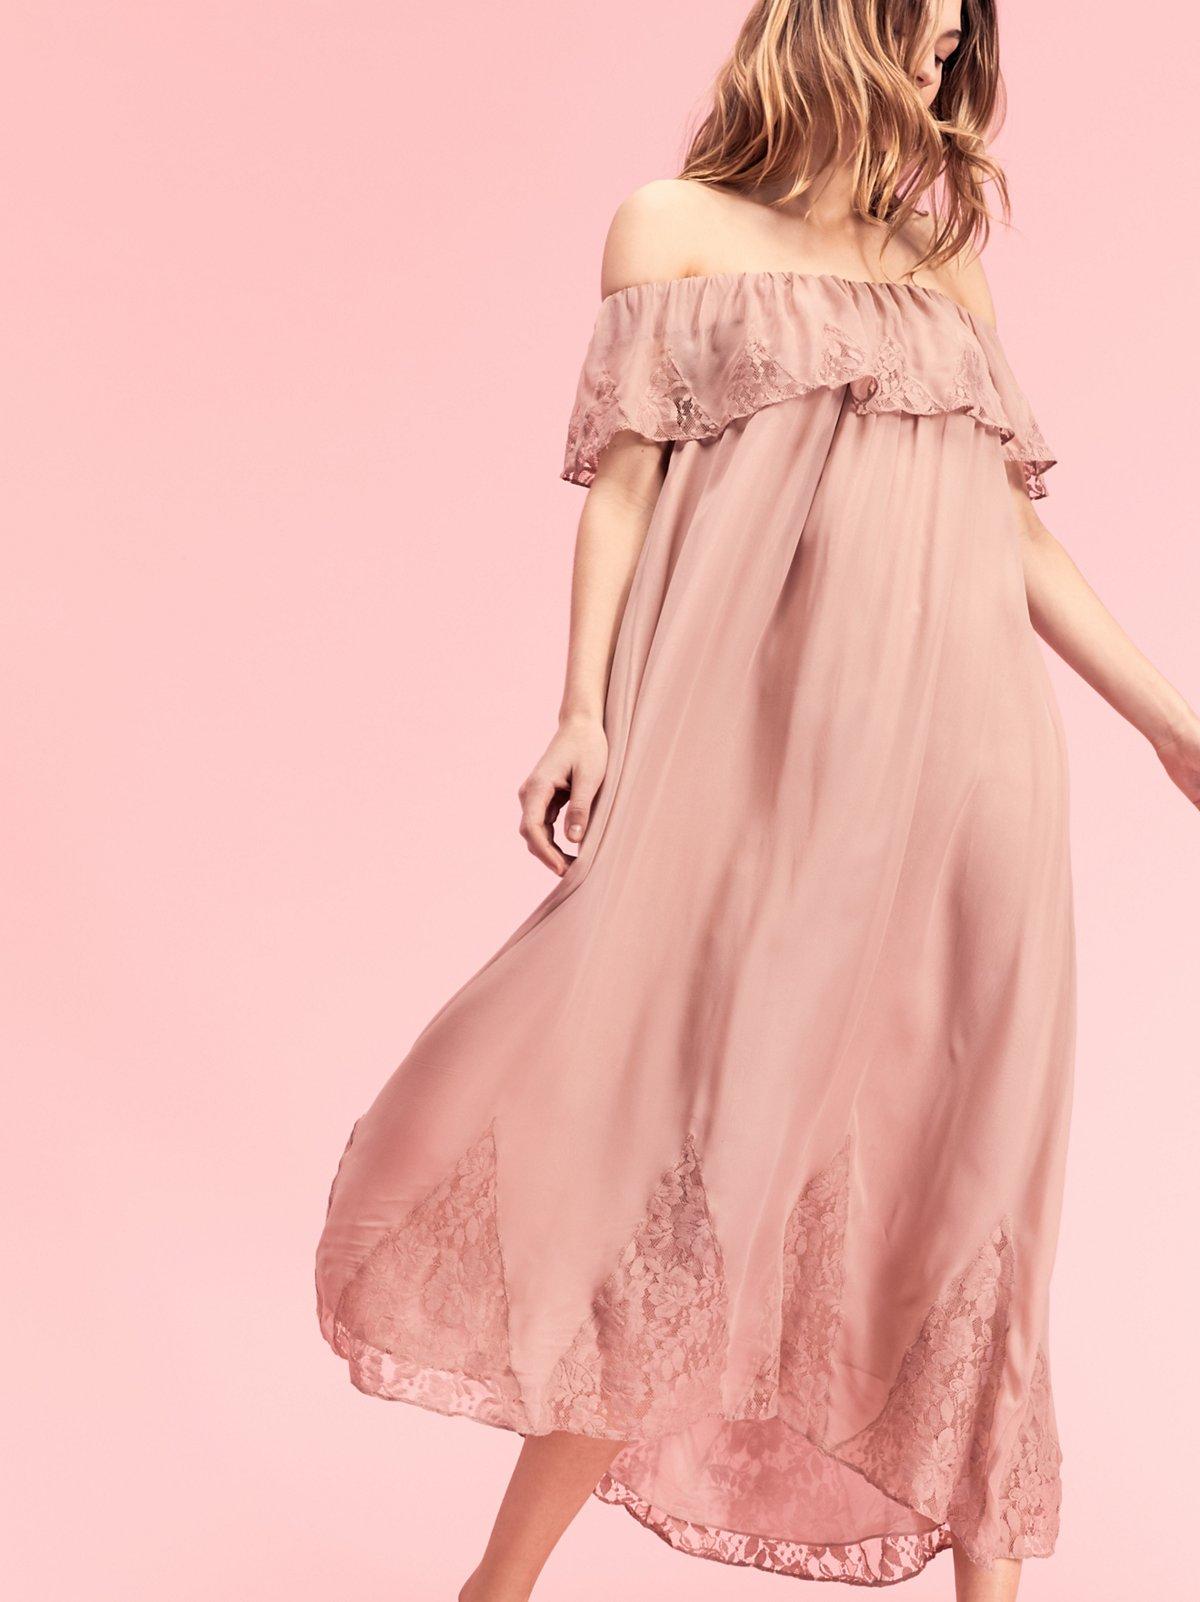 Antique Lace High Low Maxi Dress